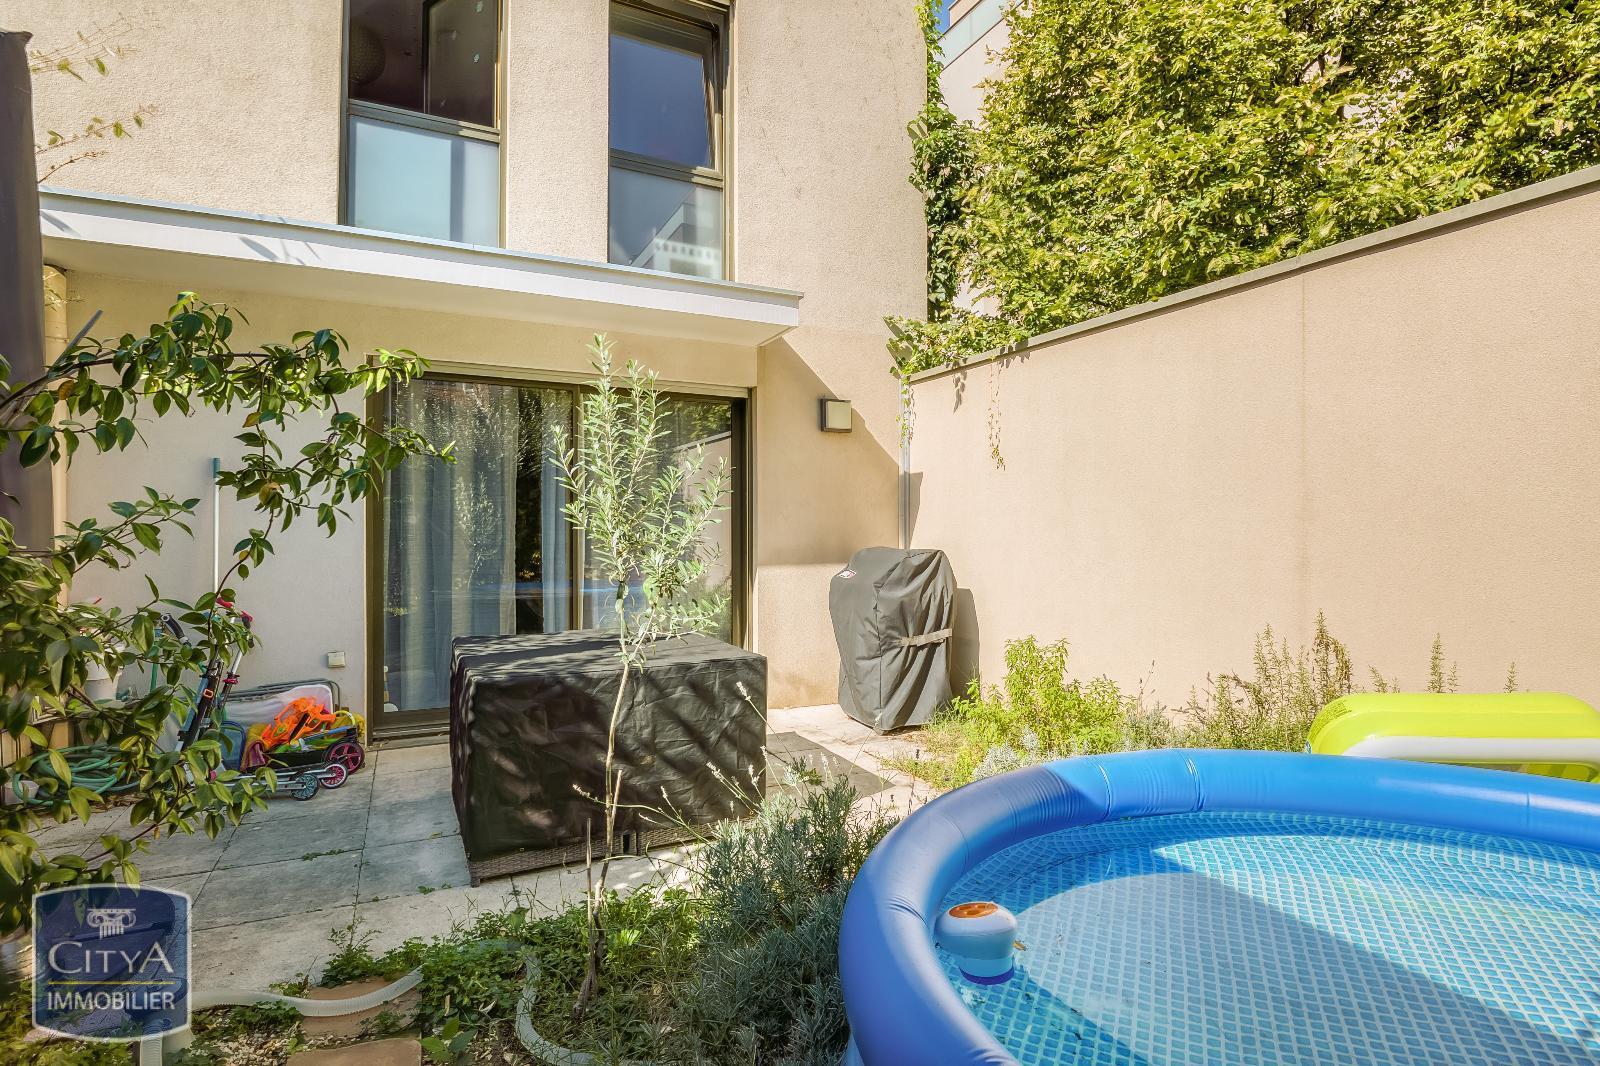 Maison/villa 5 pièces 104 m²